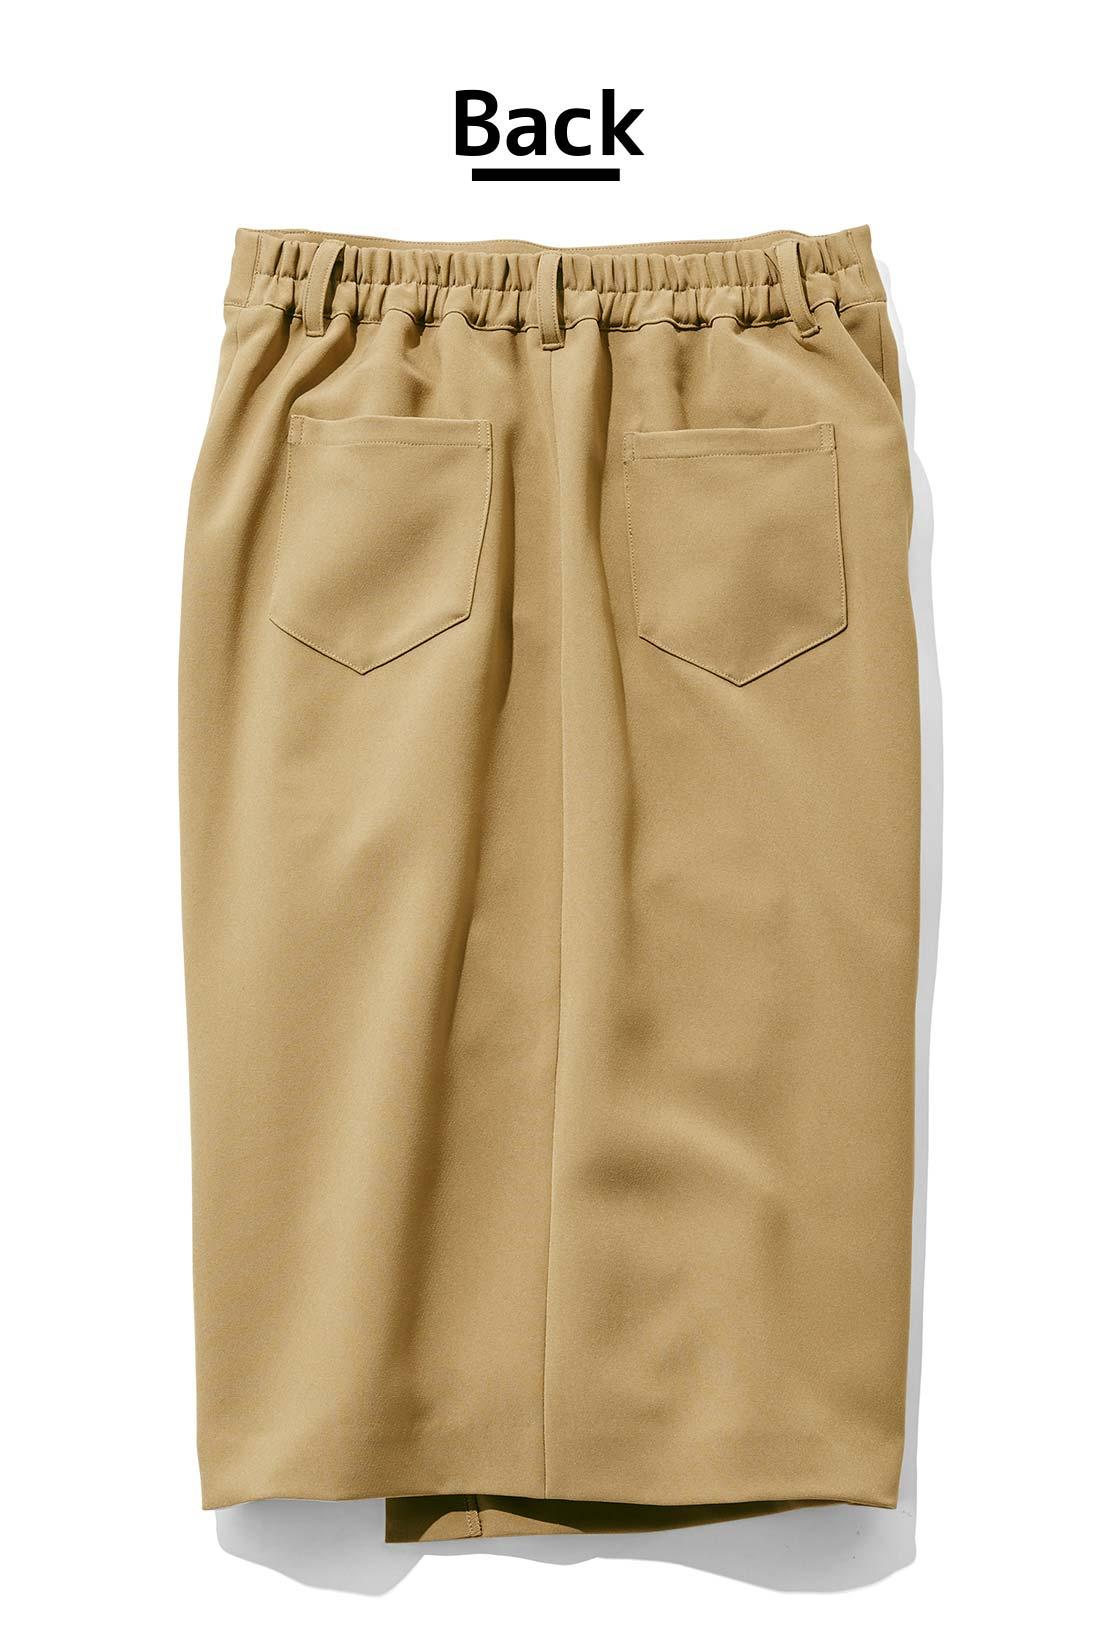 ふたつのポケットが、後ろ姿にメリハリ感を出しながら、ヒップラインを自然にカバー。 ※お届けするカラーとは異なります。